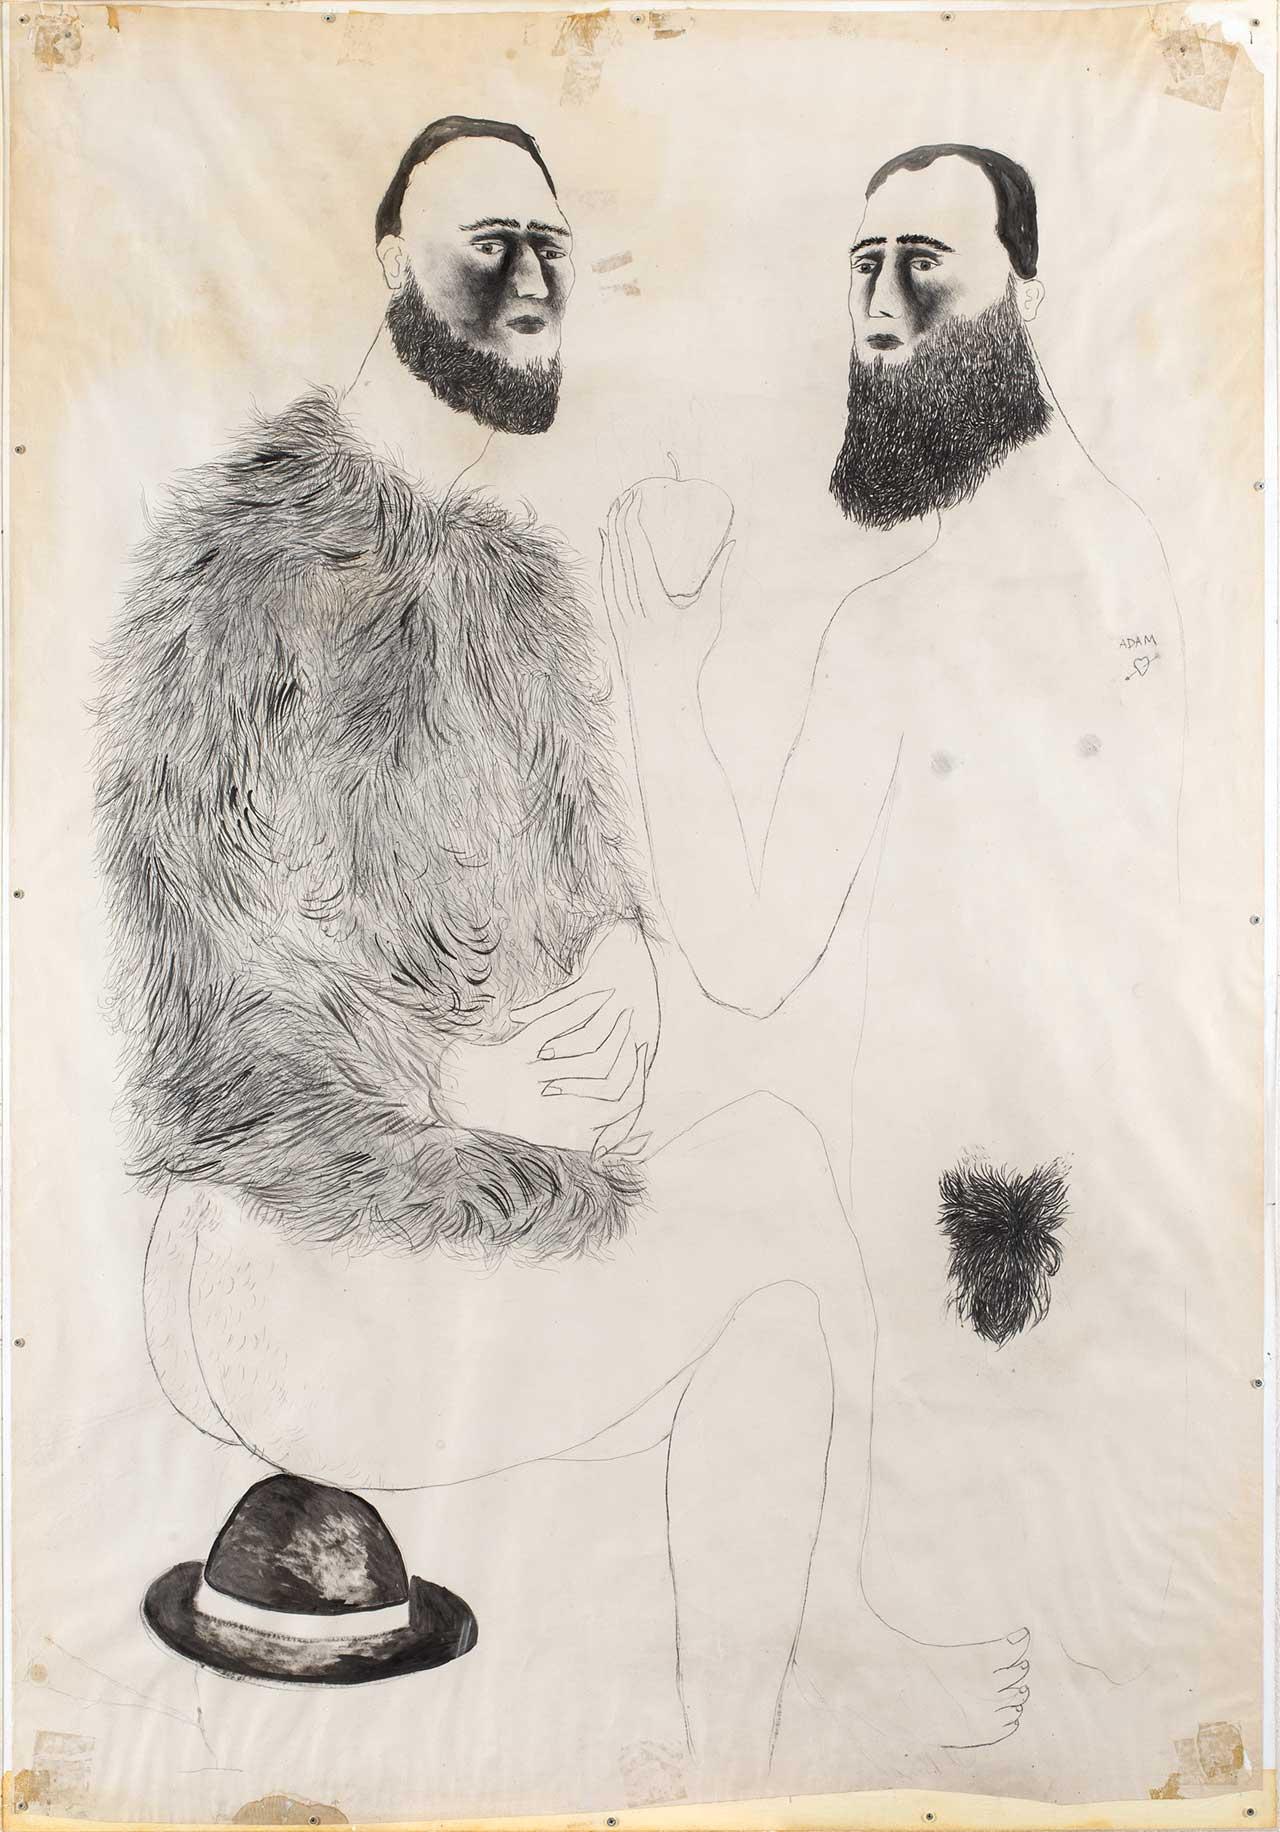 Αδάμ και Εύα, 2002-03, κάρβουνο και λάδι σε χαρτί, 145x100 εκ.